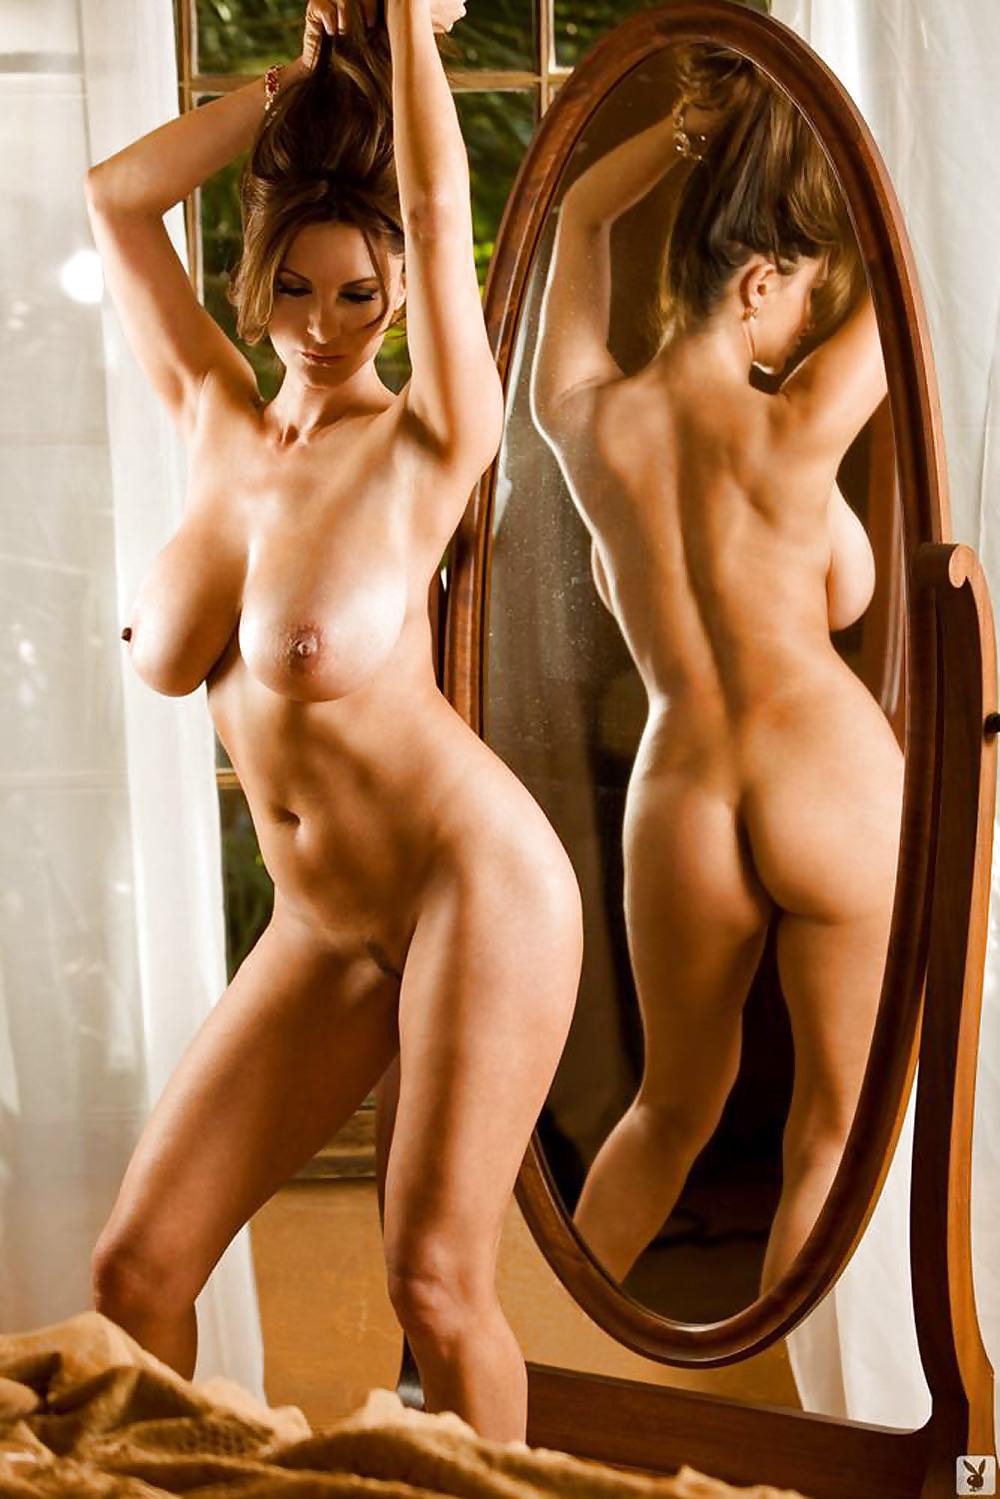 plaisir discret sur site de rencontre adultère dans le 09